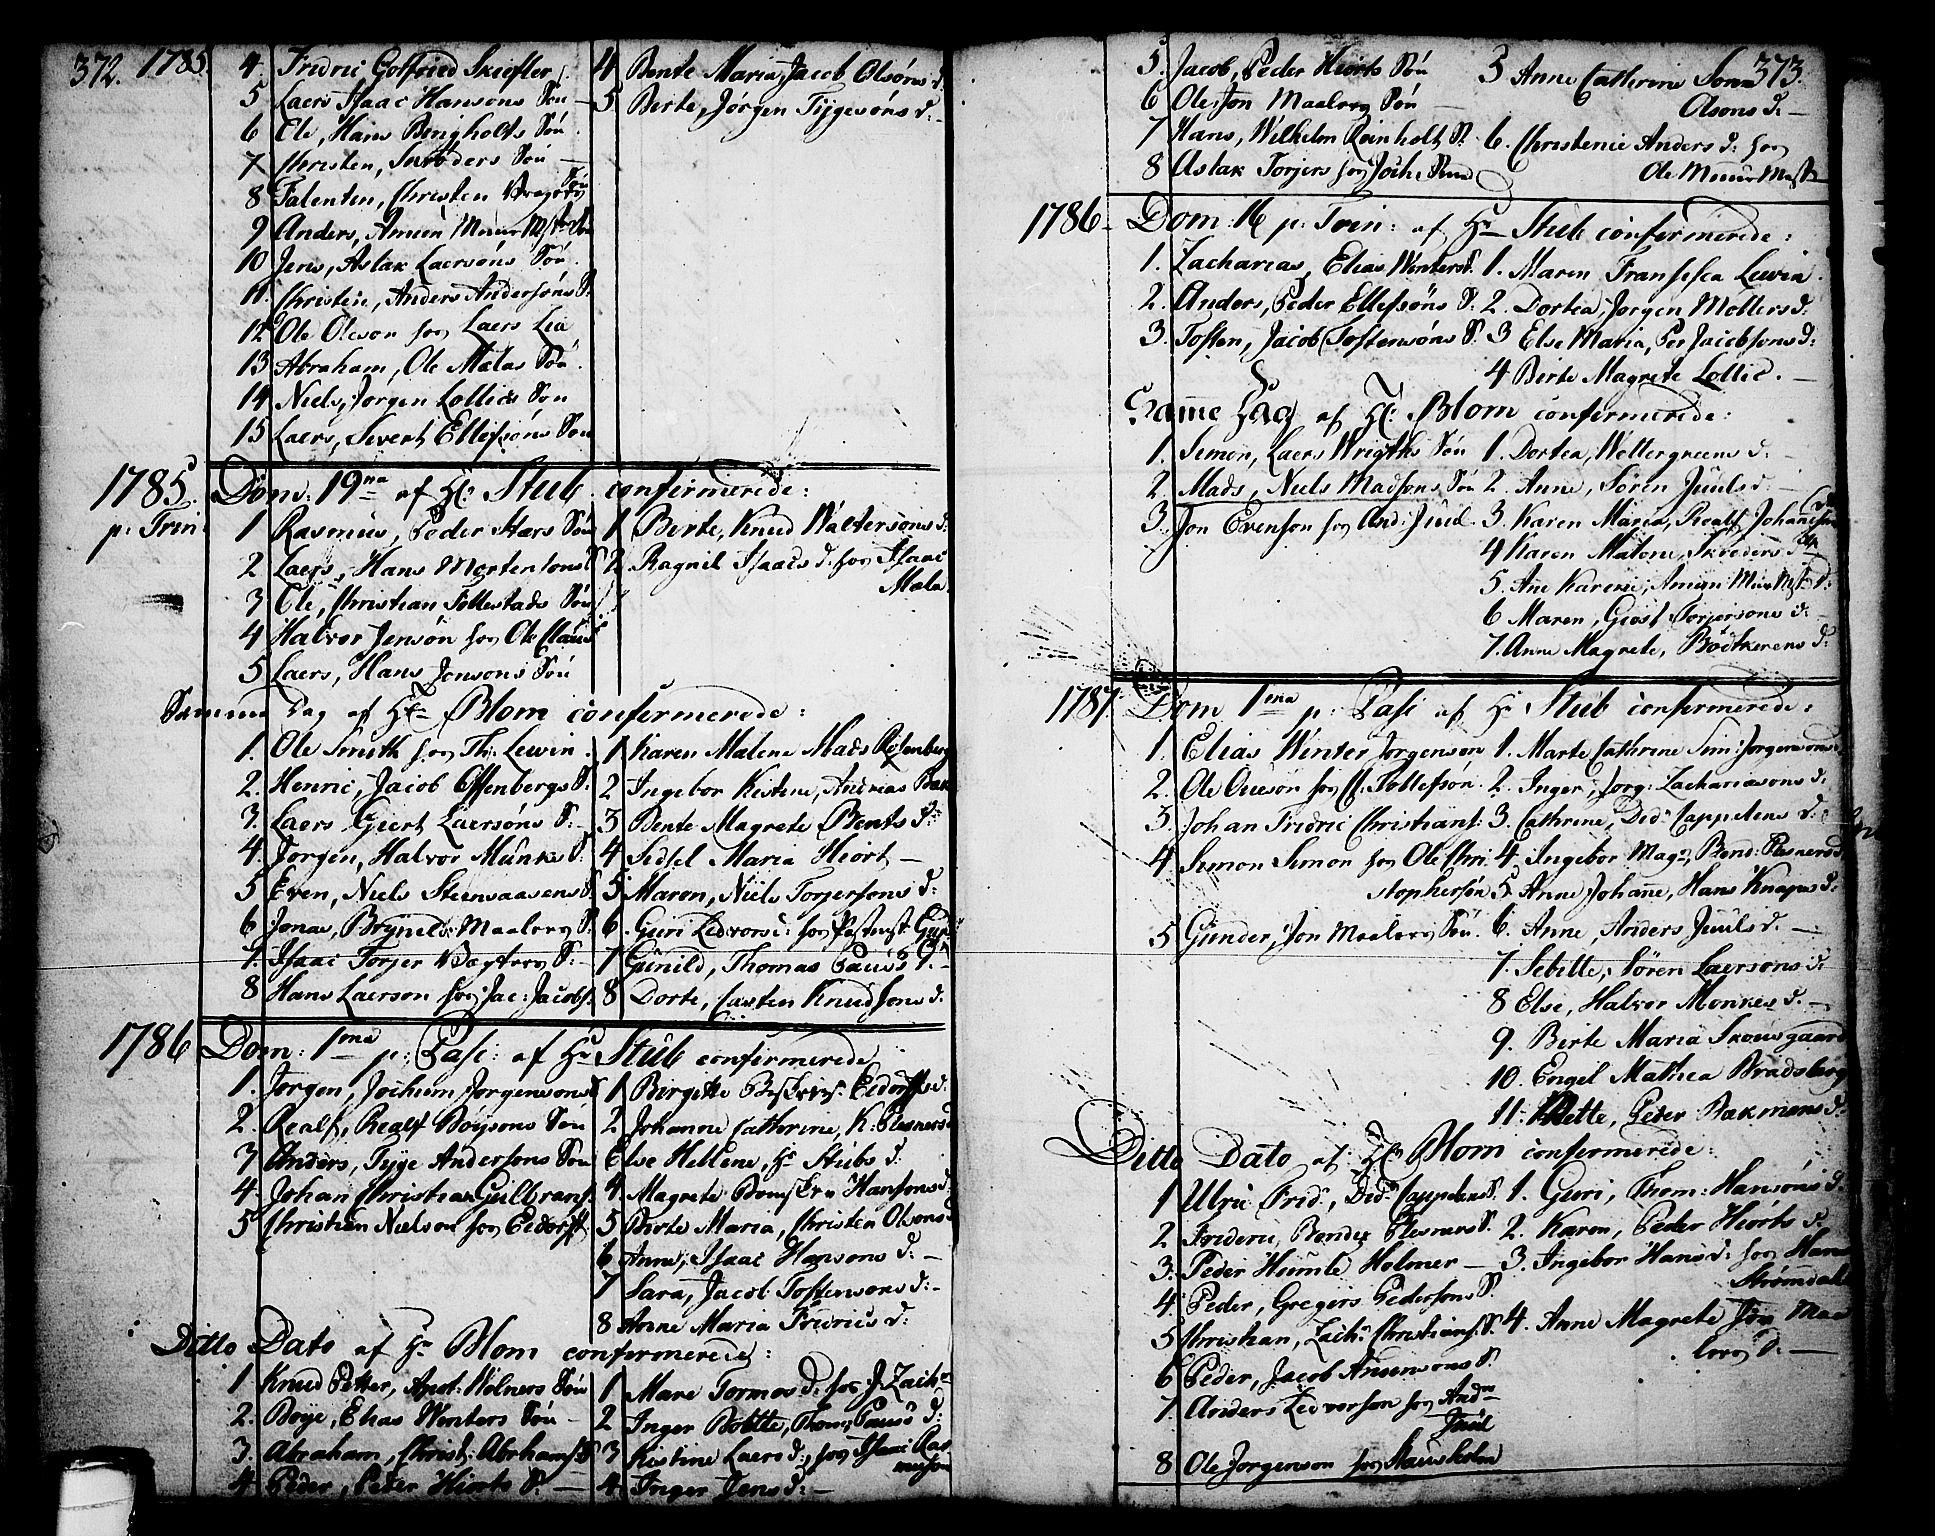 SAKO, Skien kirkebøker, F/Fa/L0003: Ministerialbok nr. 3, 1755-1791, s. 372-373